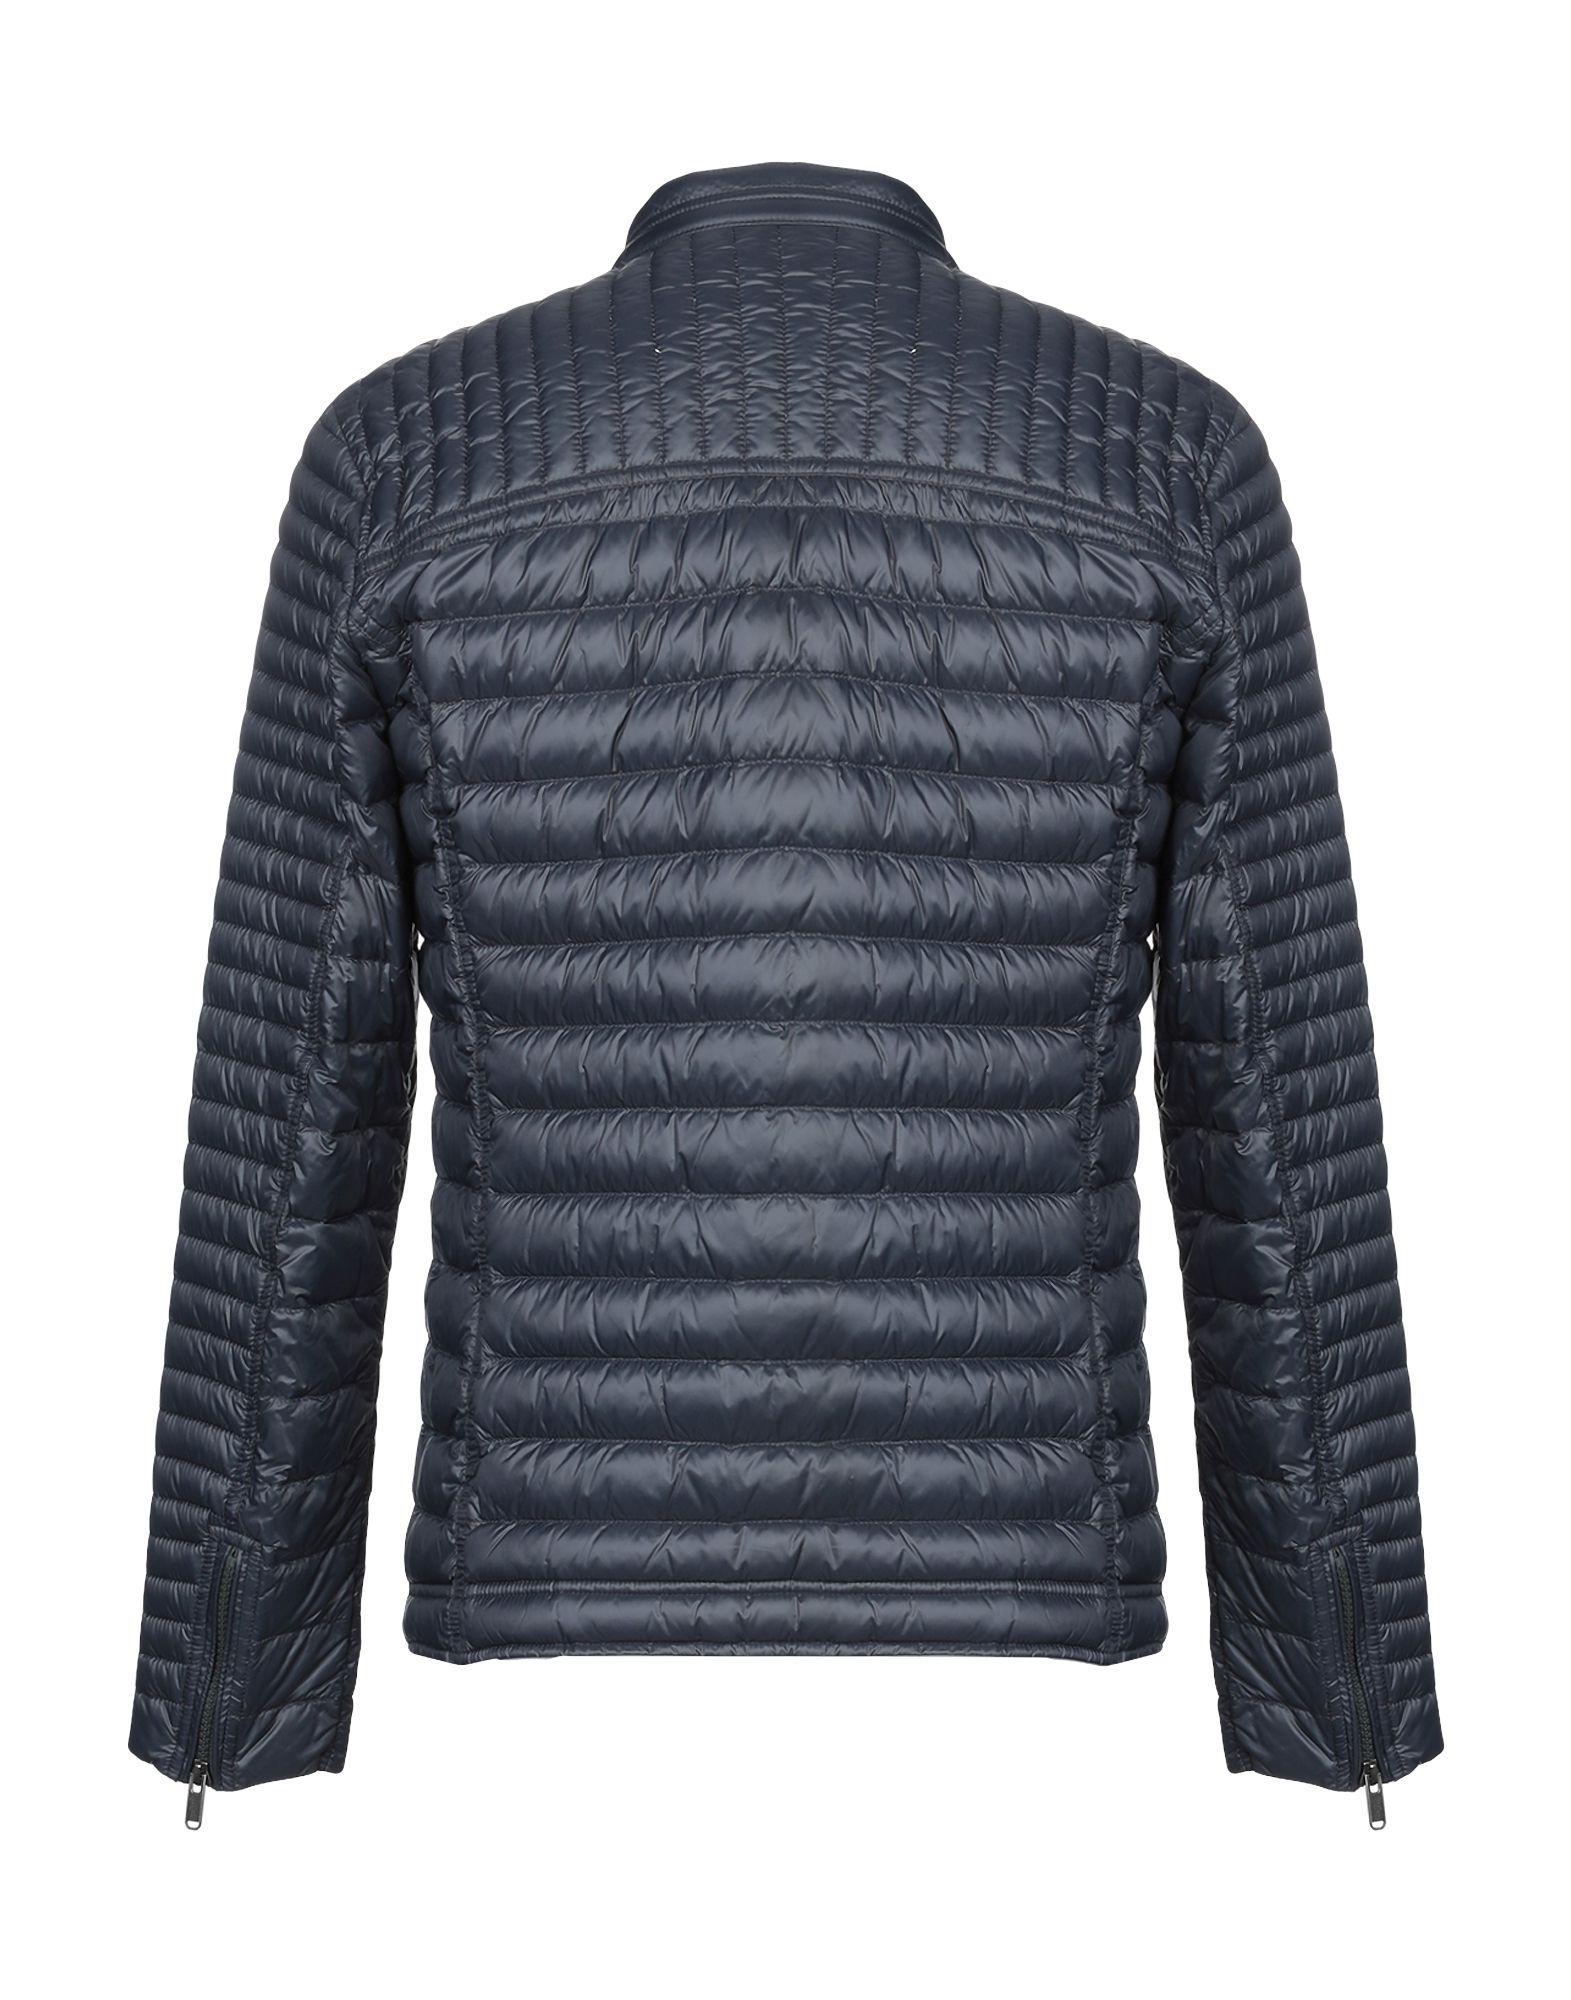 Lyst - Bomboogie Down Jacket in Blue for Men c9af6ee88d6